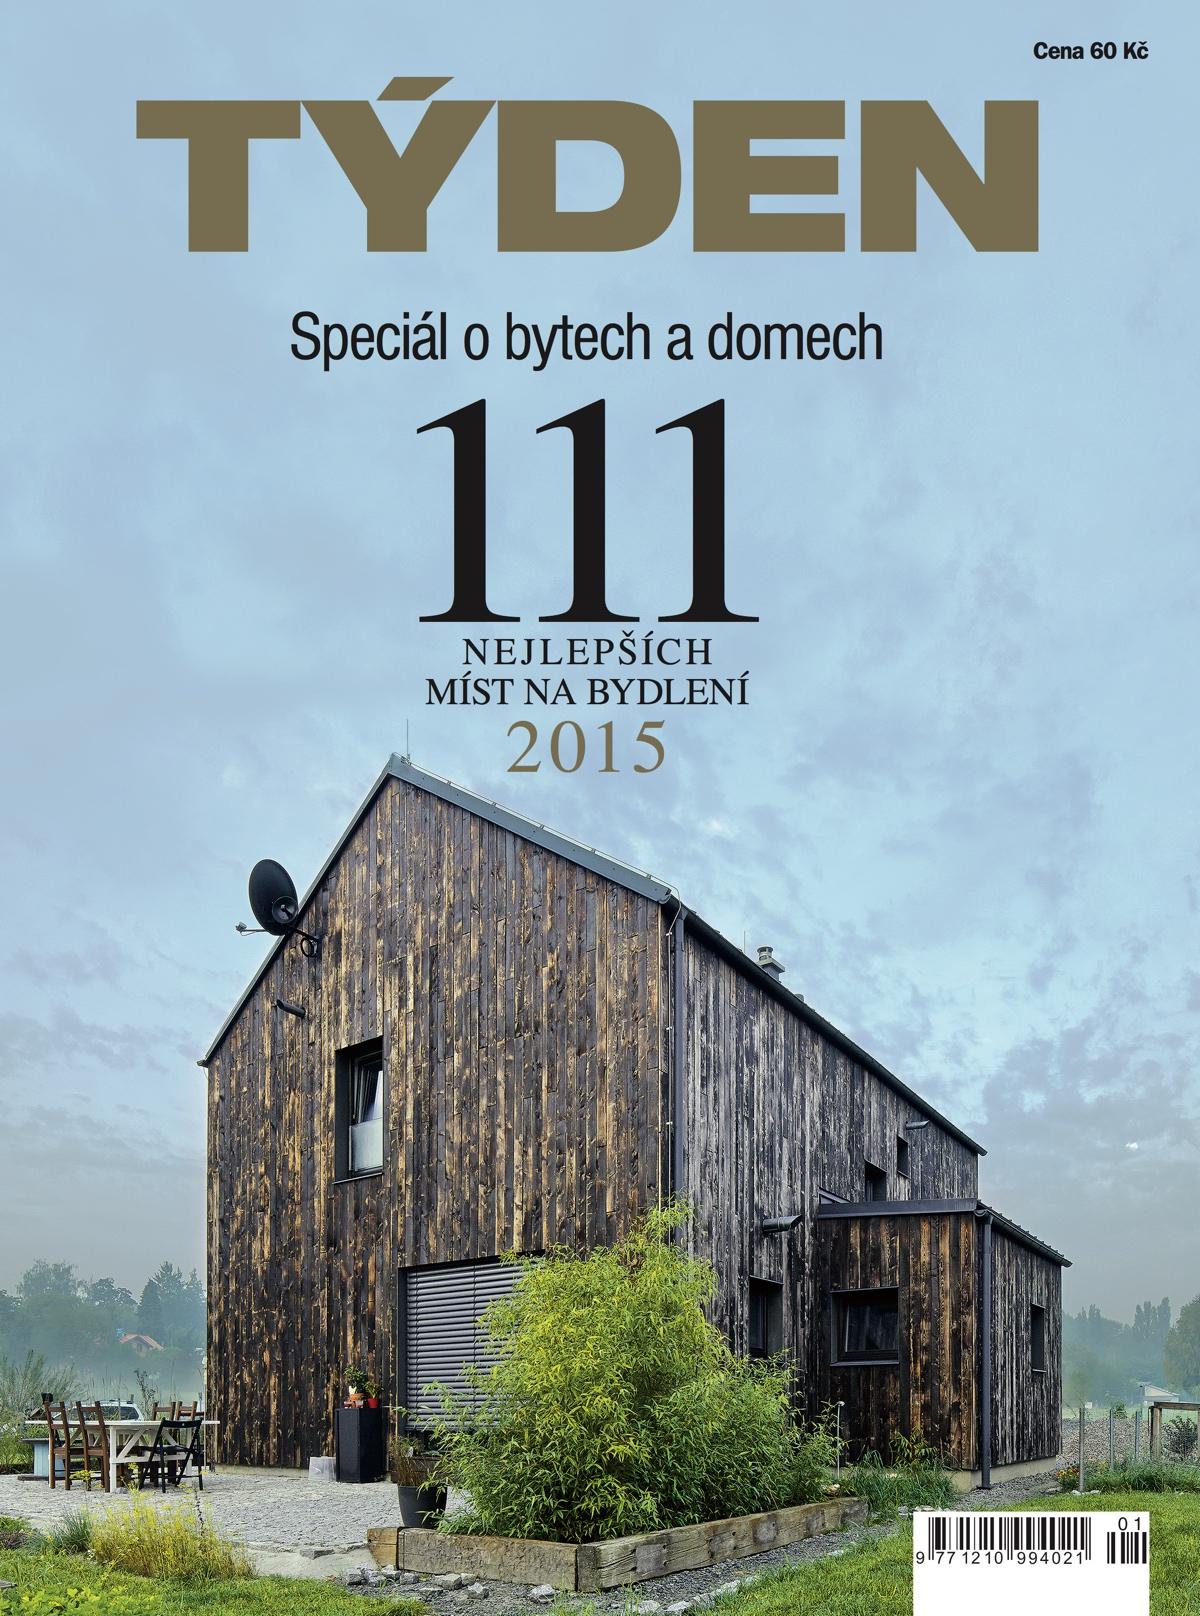 Titulní strana speciálu 111 nejlepších míst na bydlení 2015